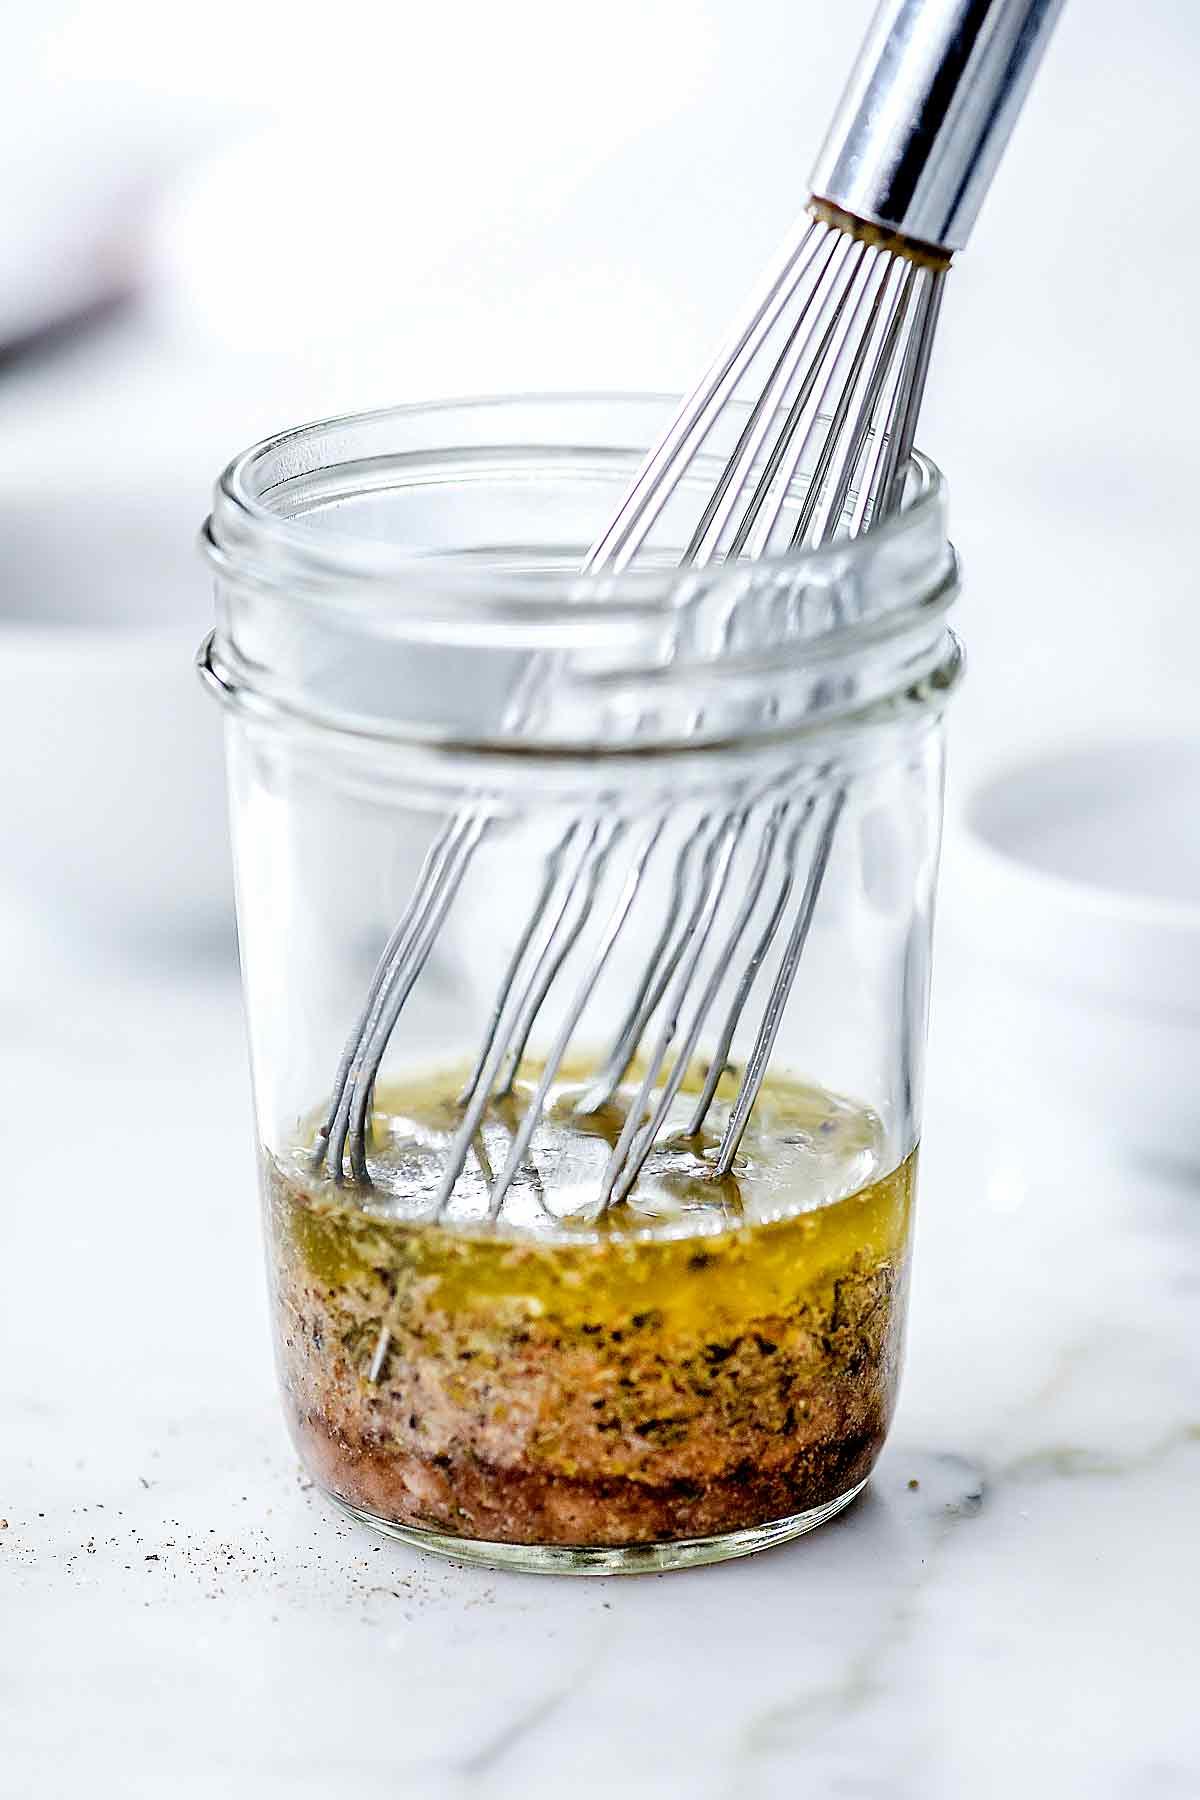 Greek Salad Dressing Recipe Easy Homemade Foodiecrush Com